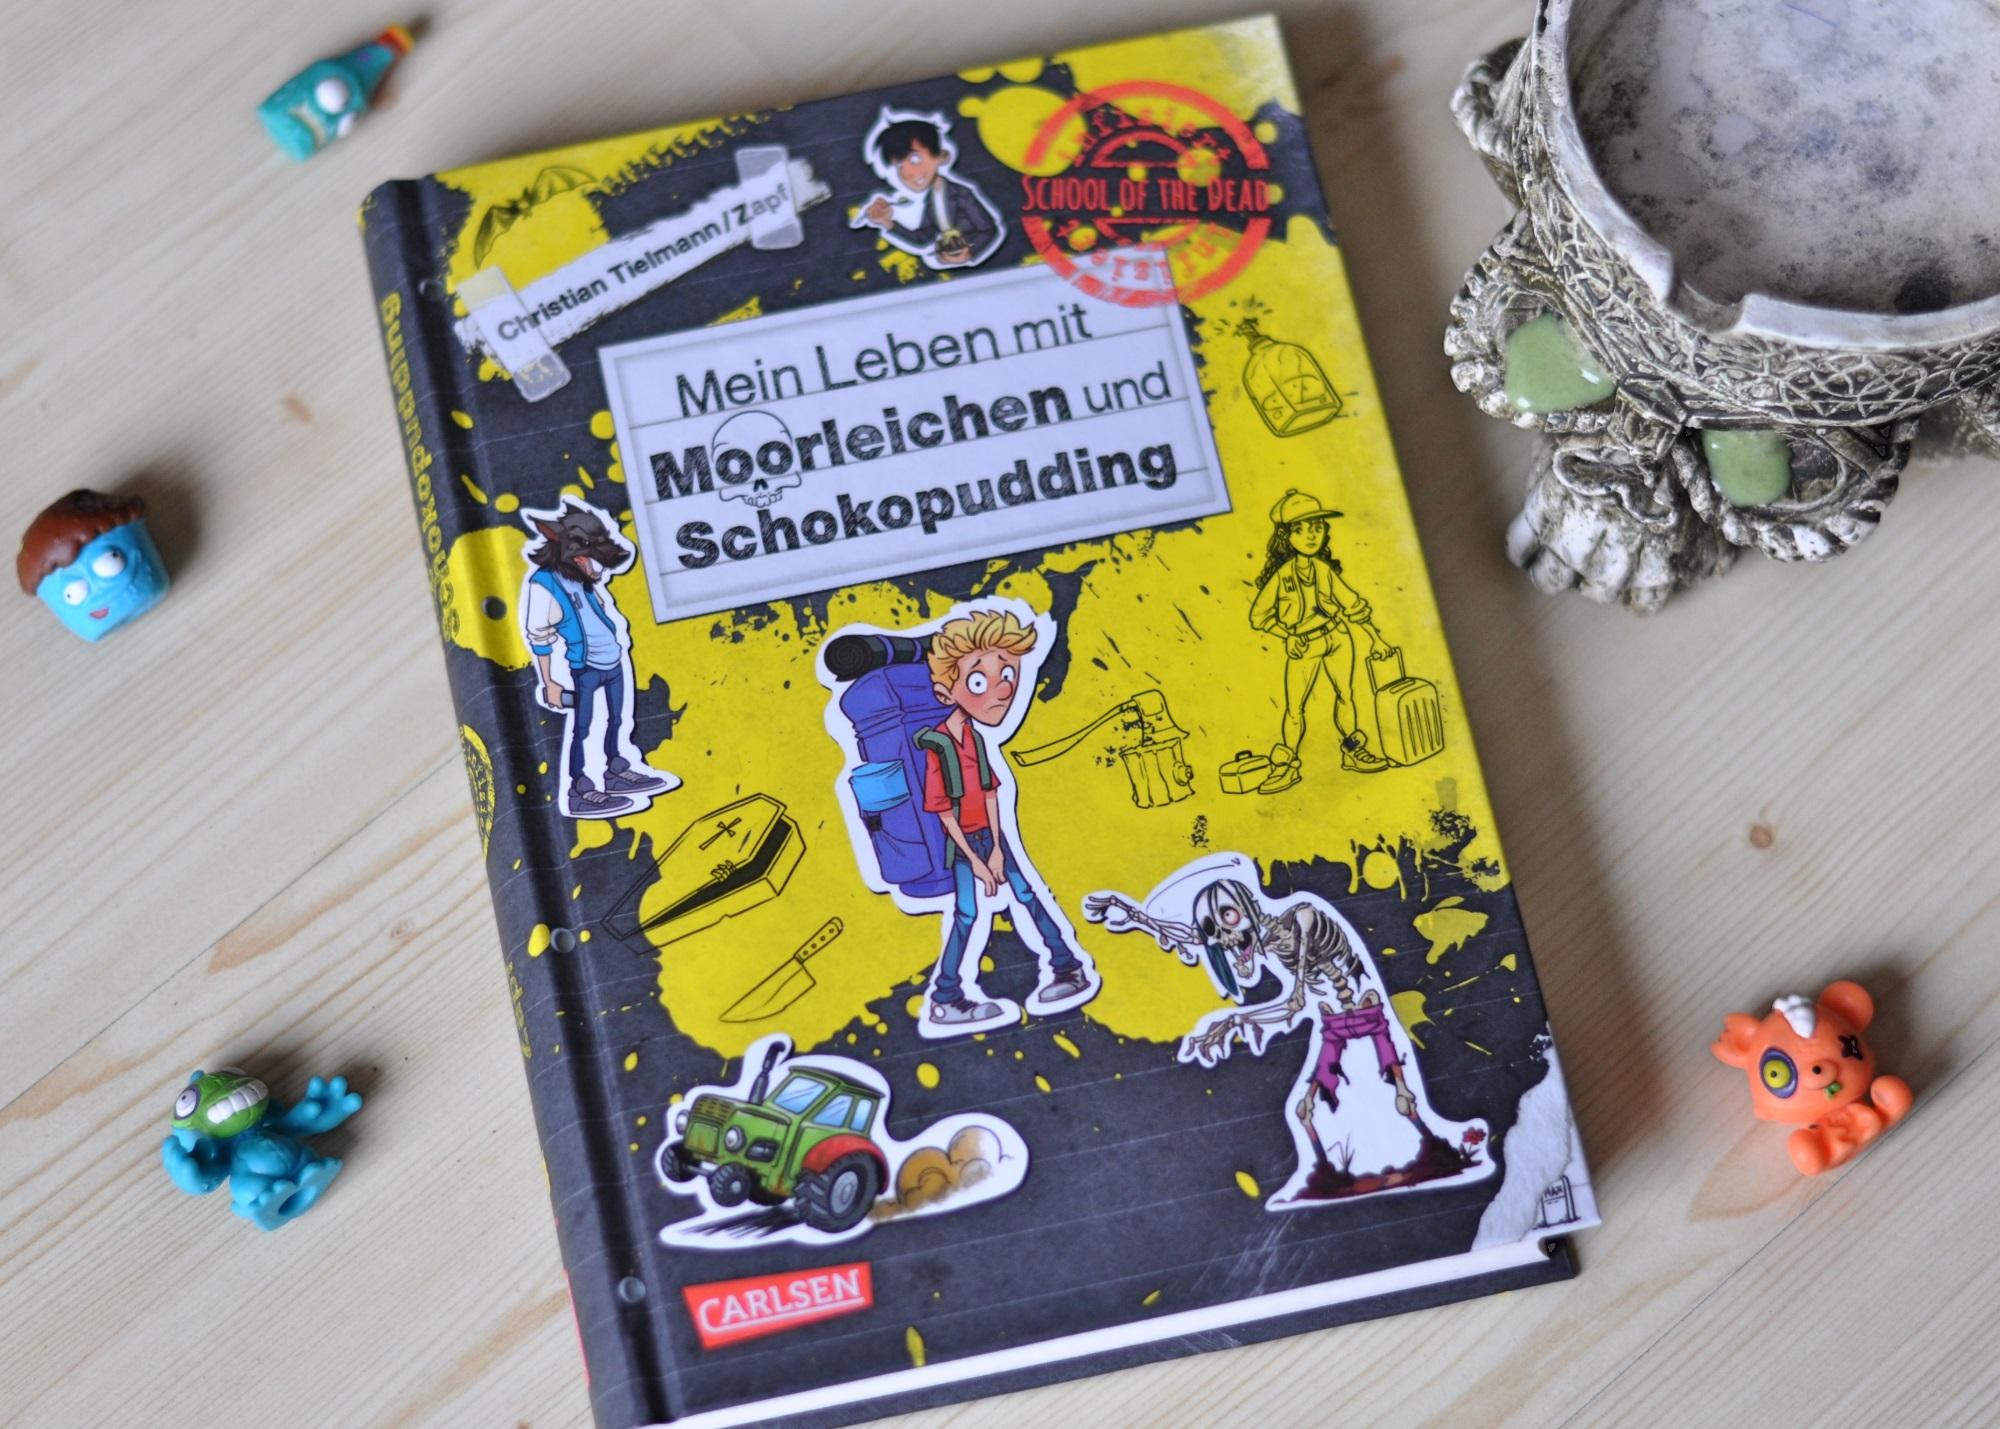 Mein Leben mit Moorleichen und Schokopudding - Band 4 der School of the Dead Reihe ist da! #kinderbuch #schule #schulkind #comic #zombie